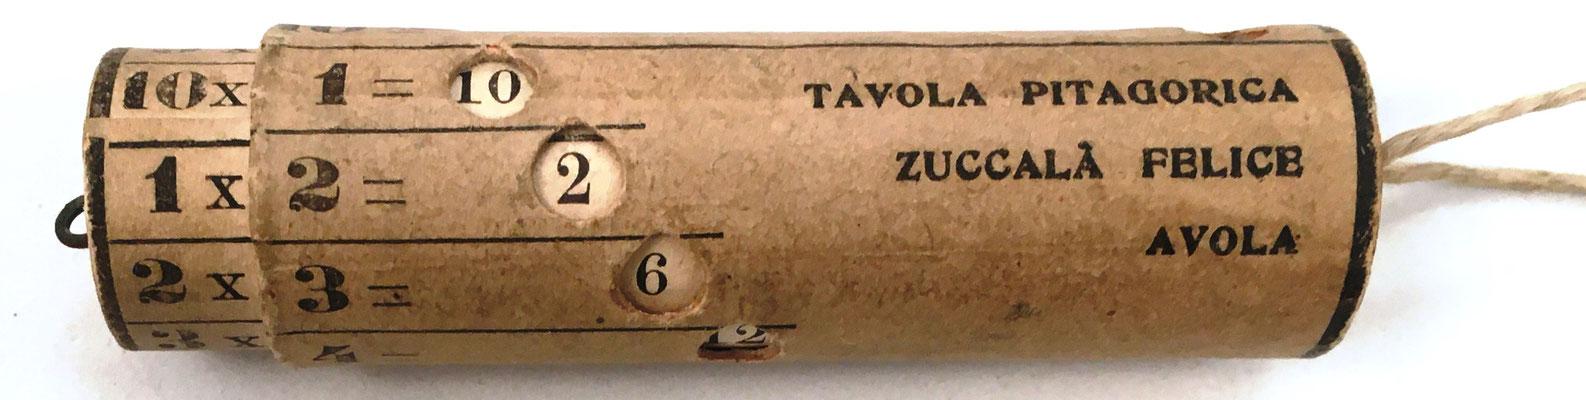 Pequeño cilindro pitagórico con las tablas de multiplicar, Felice ZUCCCALÁ (Avola, Siracusa, Italia), hacia 1908, 7.5 cm largo x 2 cm diámetro